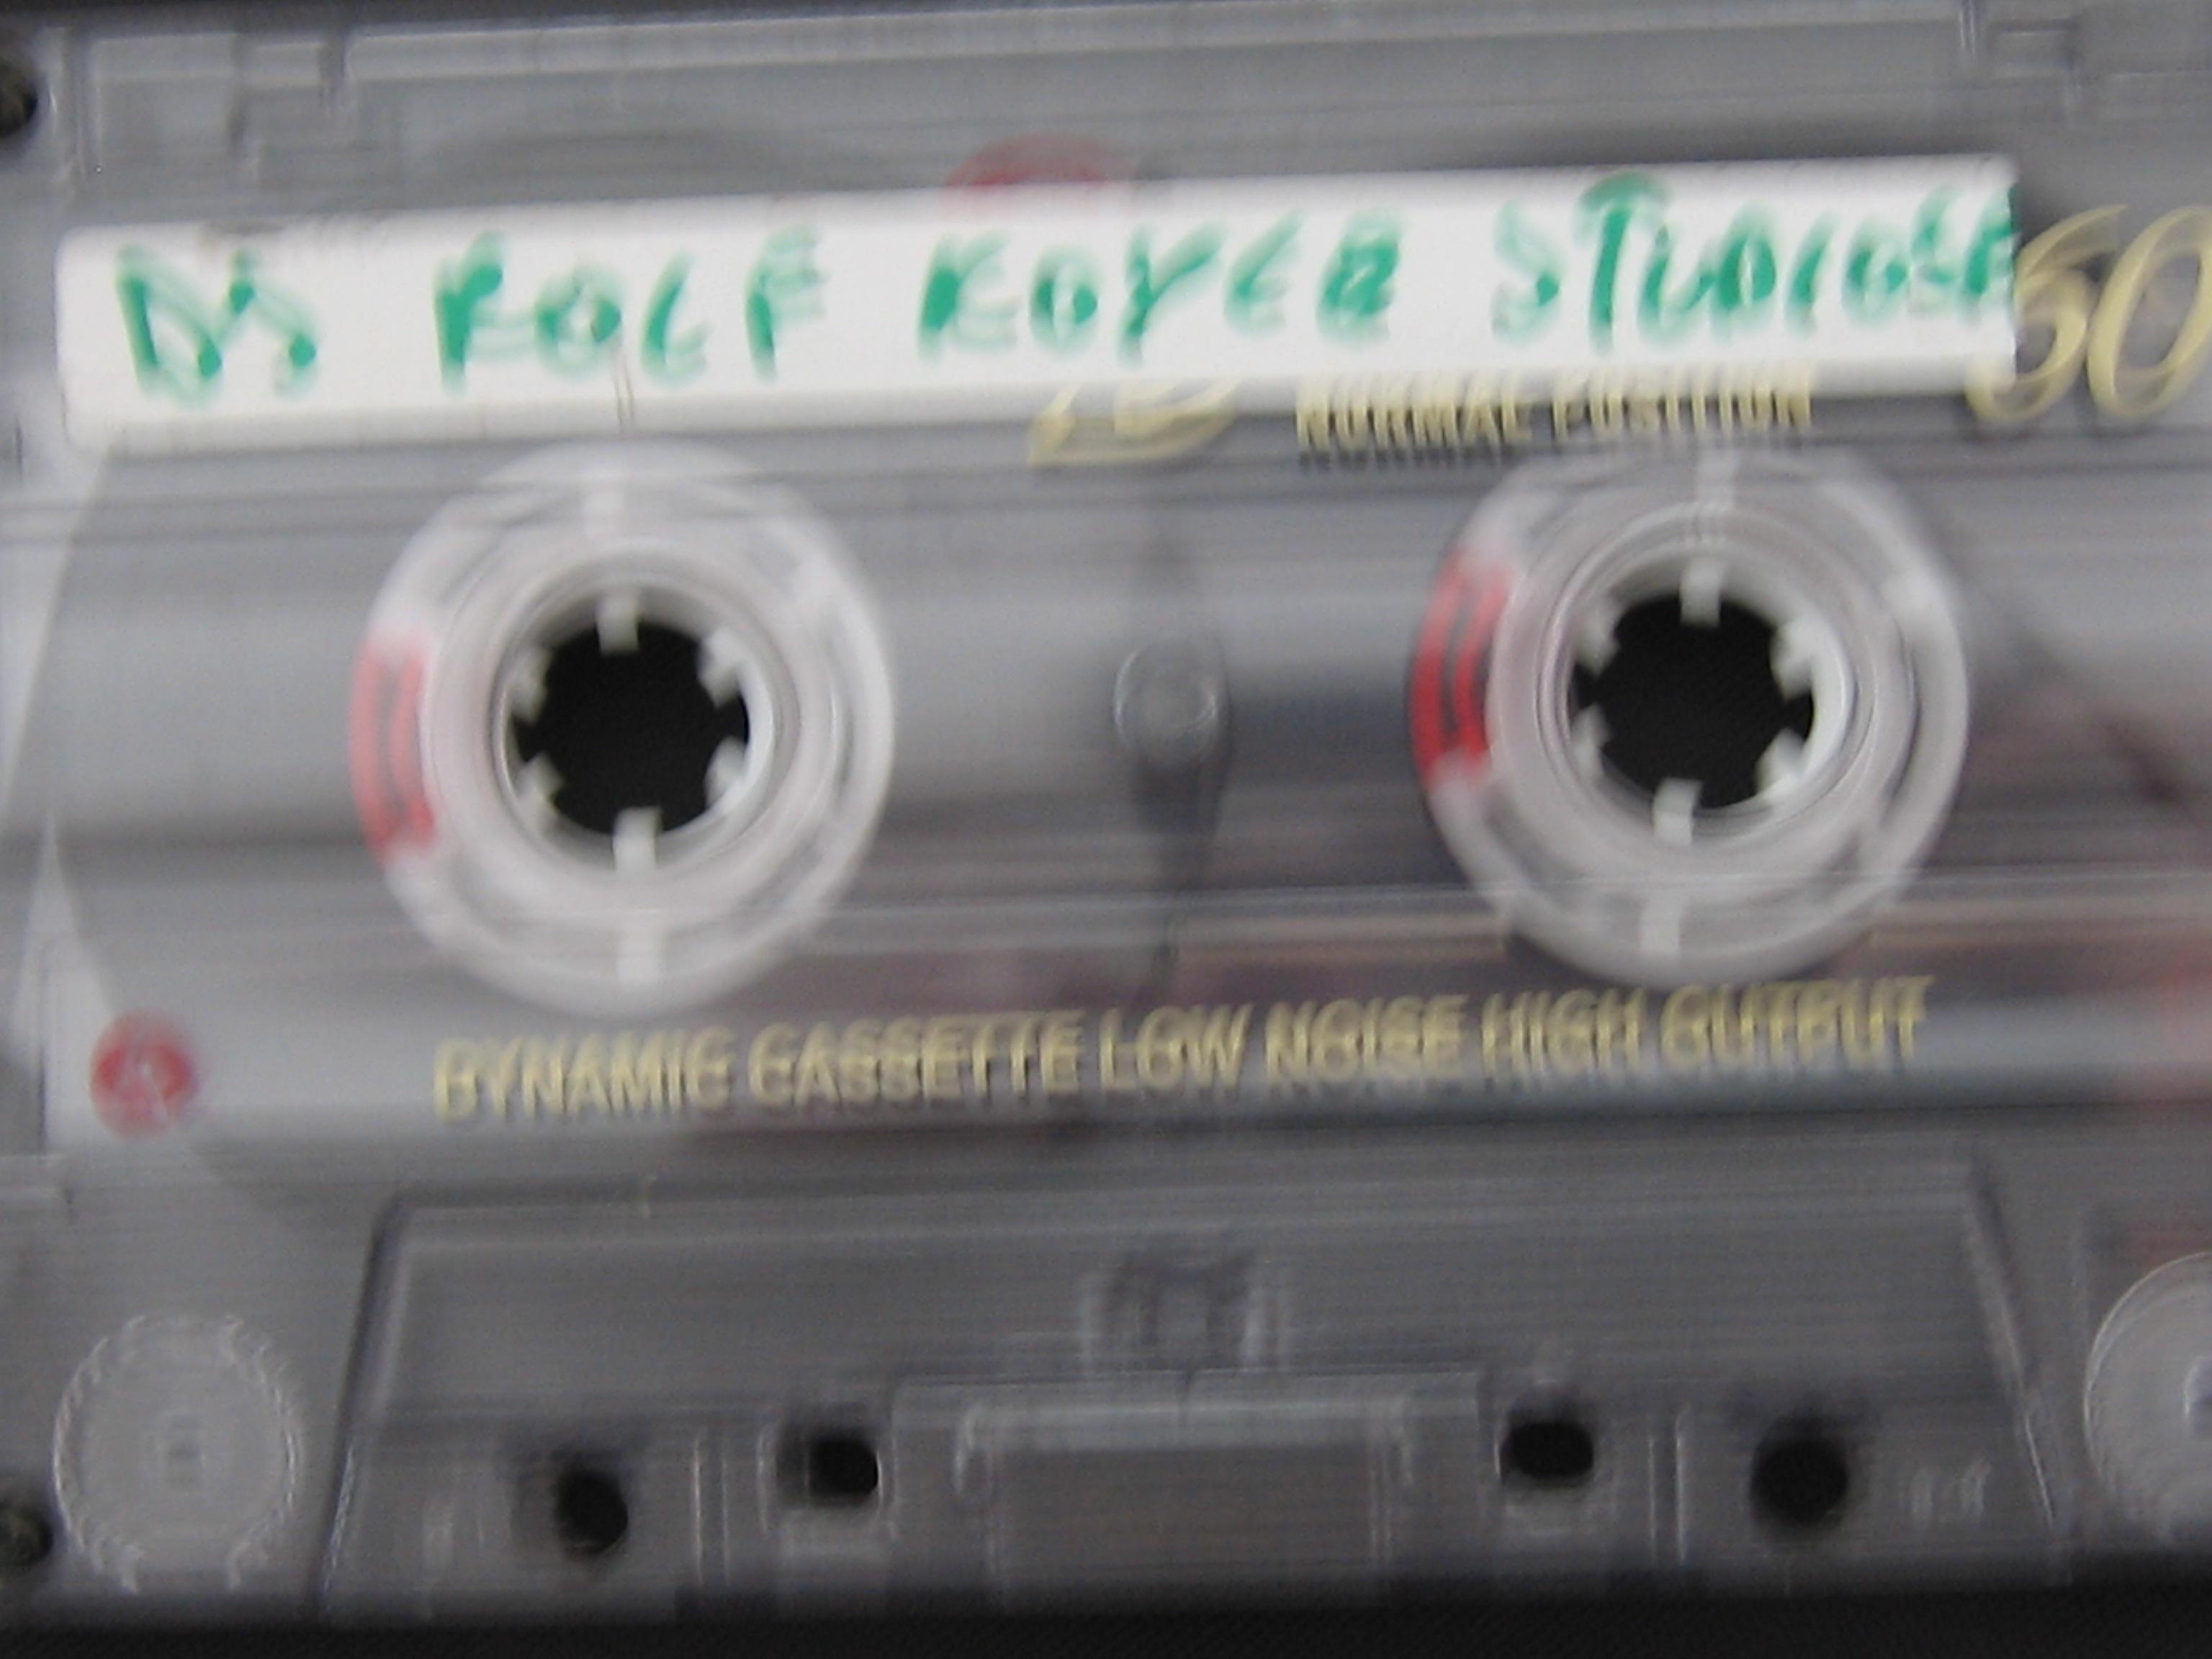 mein erstes mixtape - wirklich auf MC aufgenommen